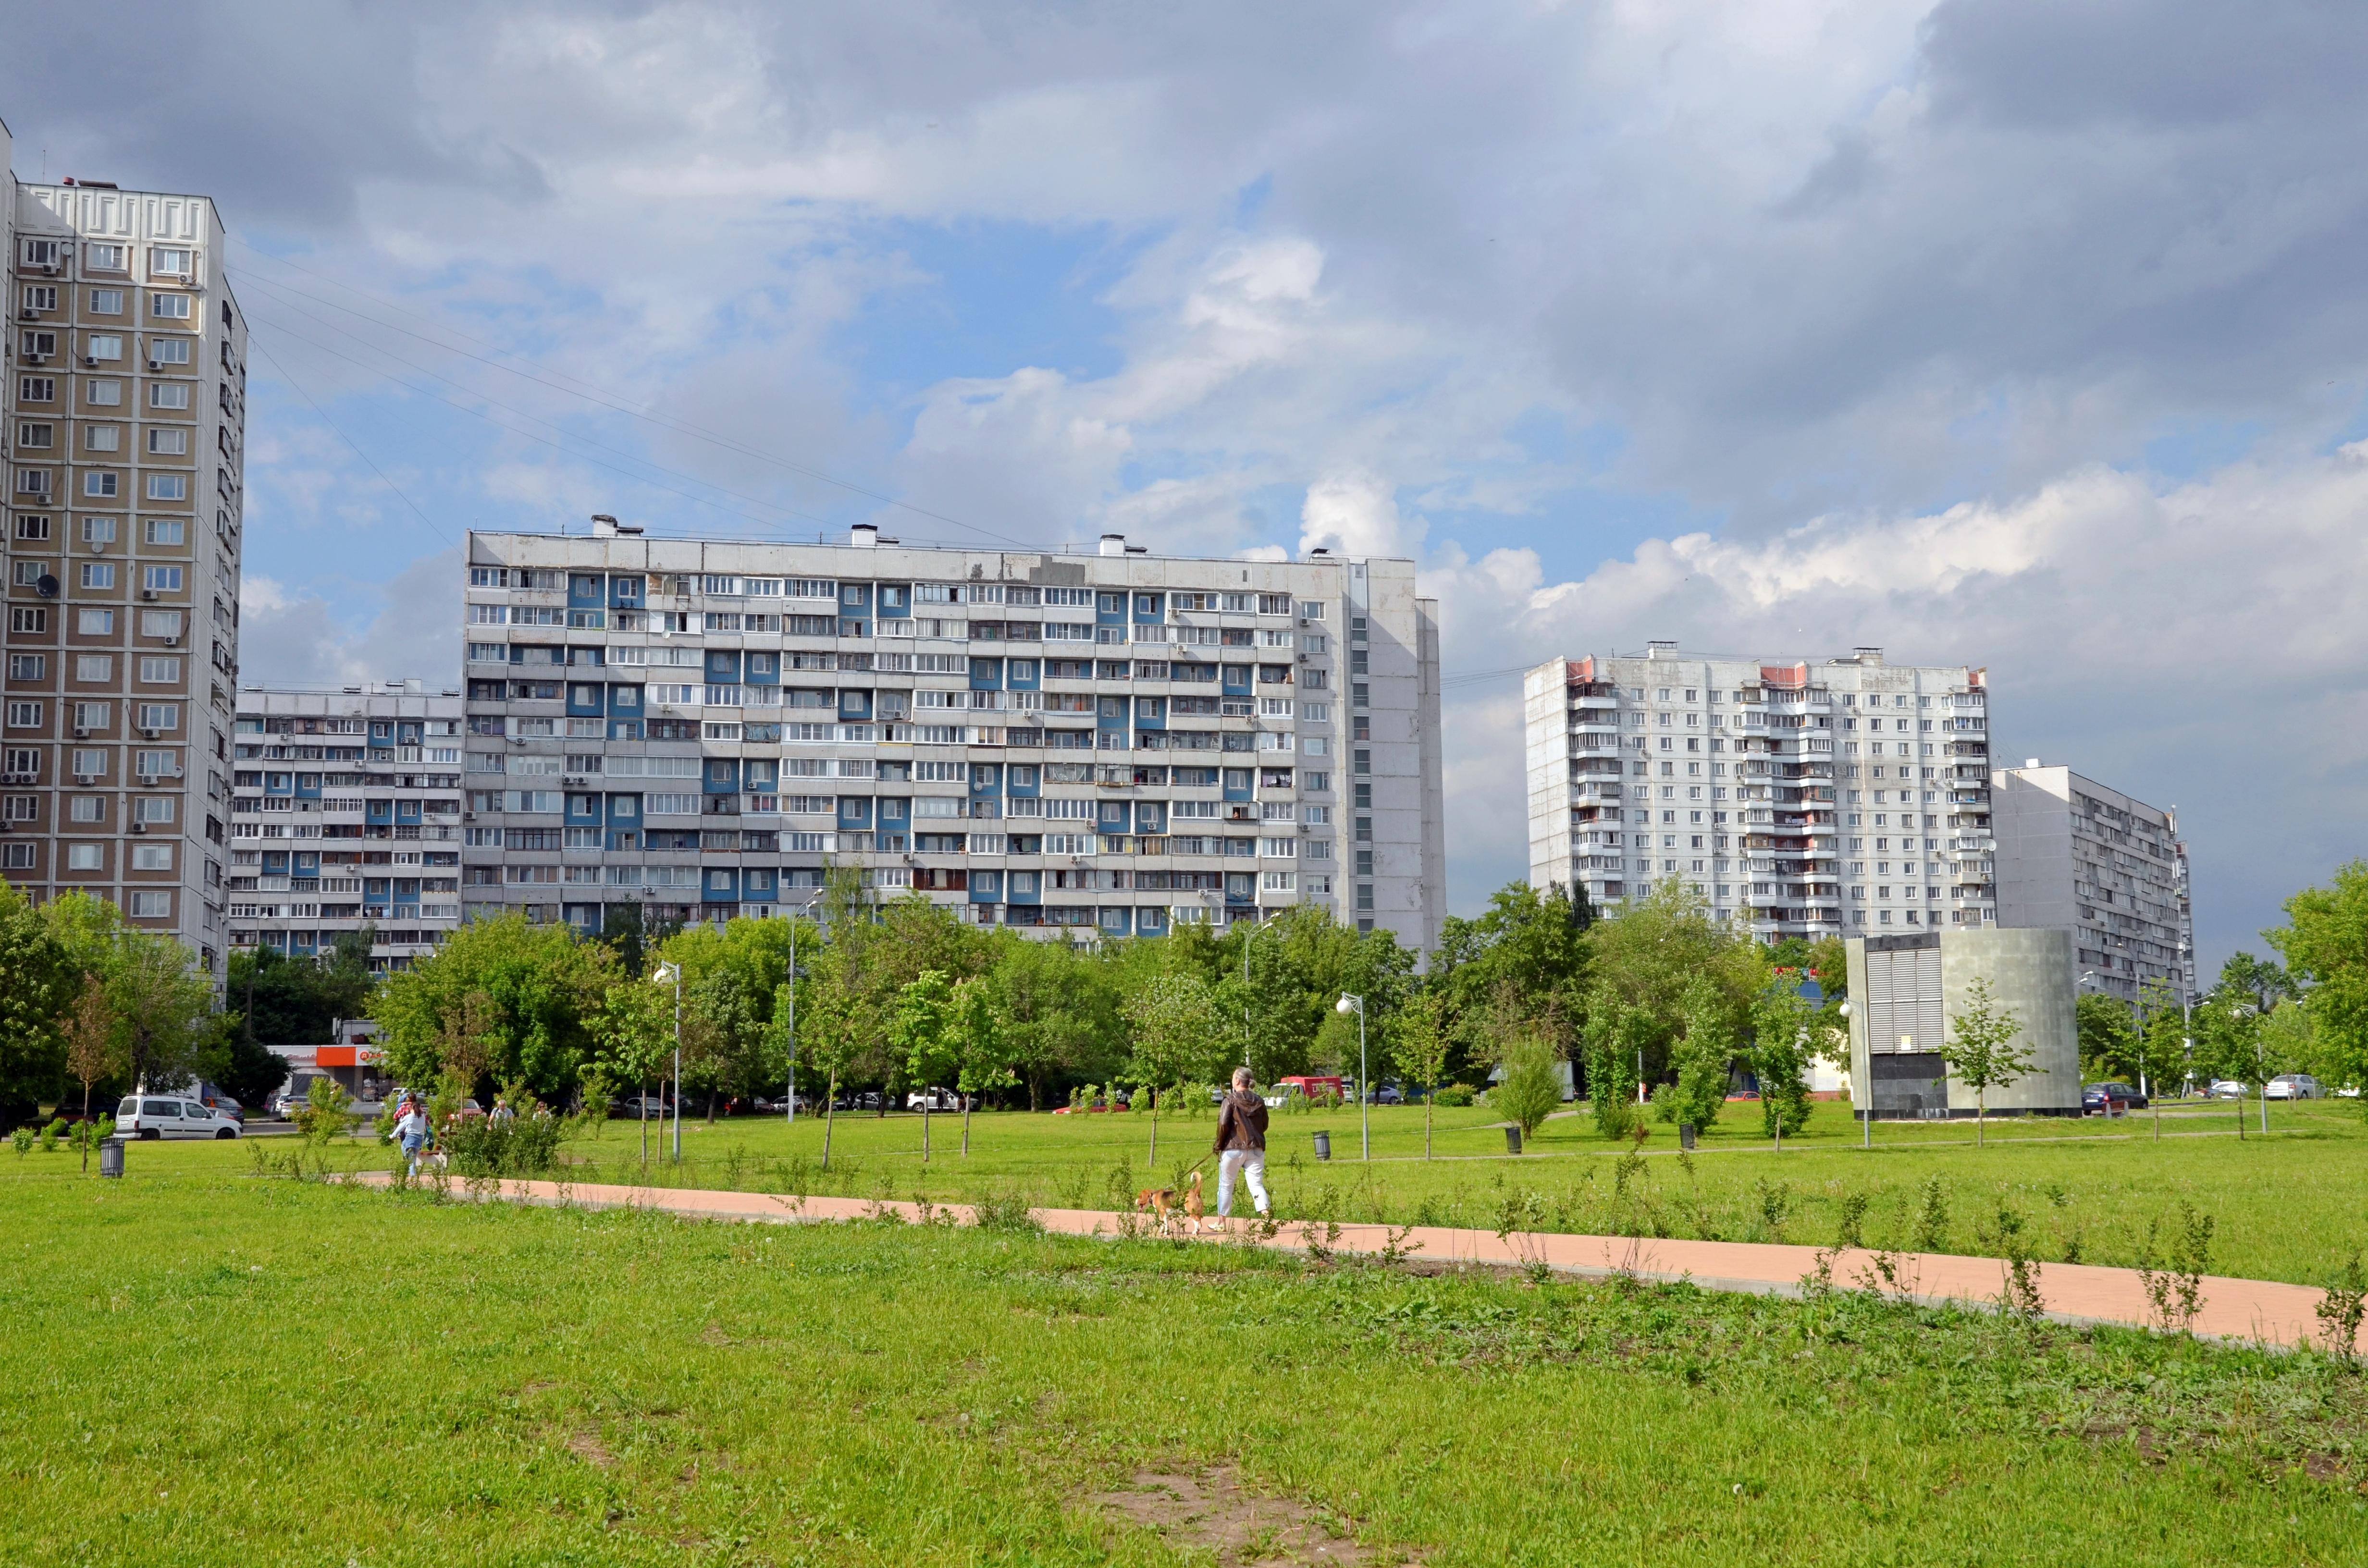 Соблюдение правил безопасности проверили в жилых домах Зябликова